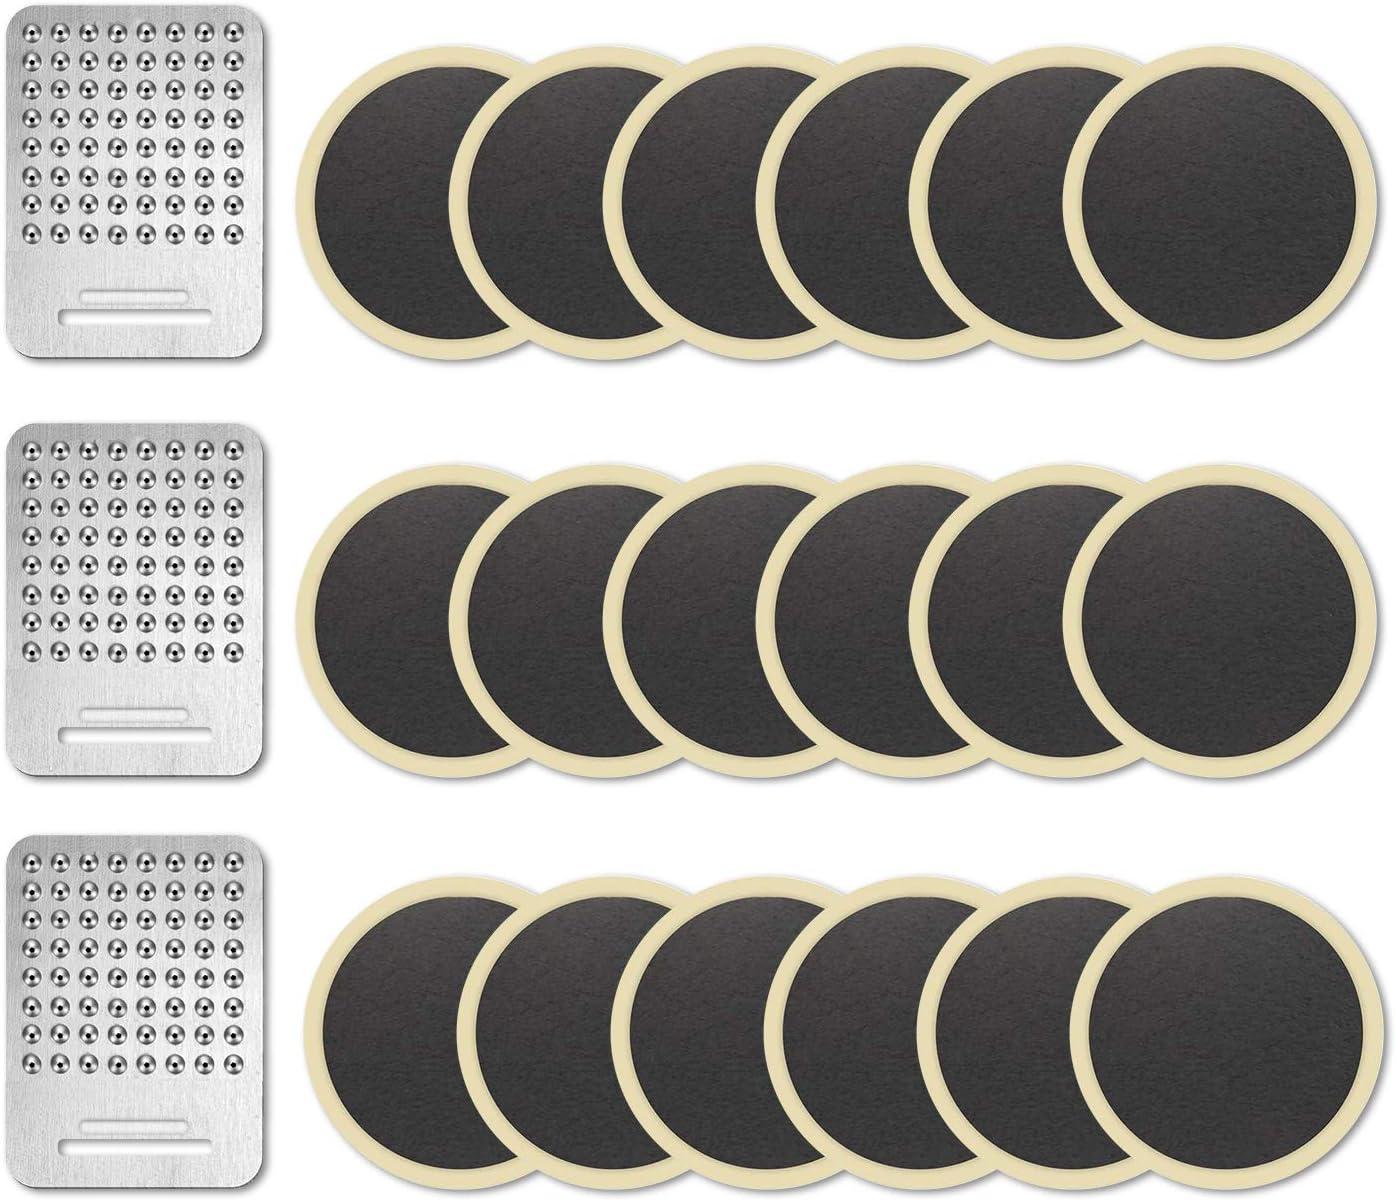 NIERBO Kit de Parche de Neumático para Bicicleta Autoadhesivo Reparación de Pinchazos MTB con Parches y Rallador